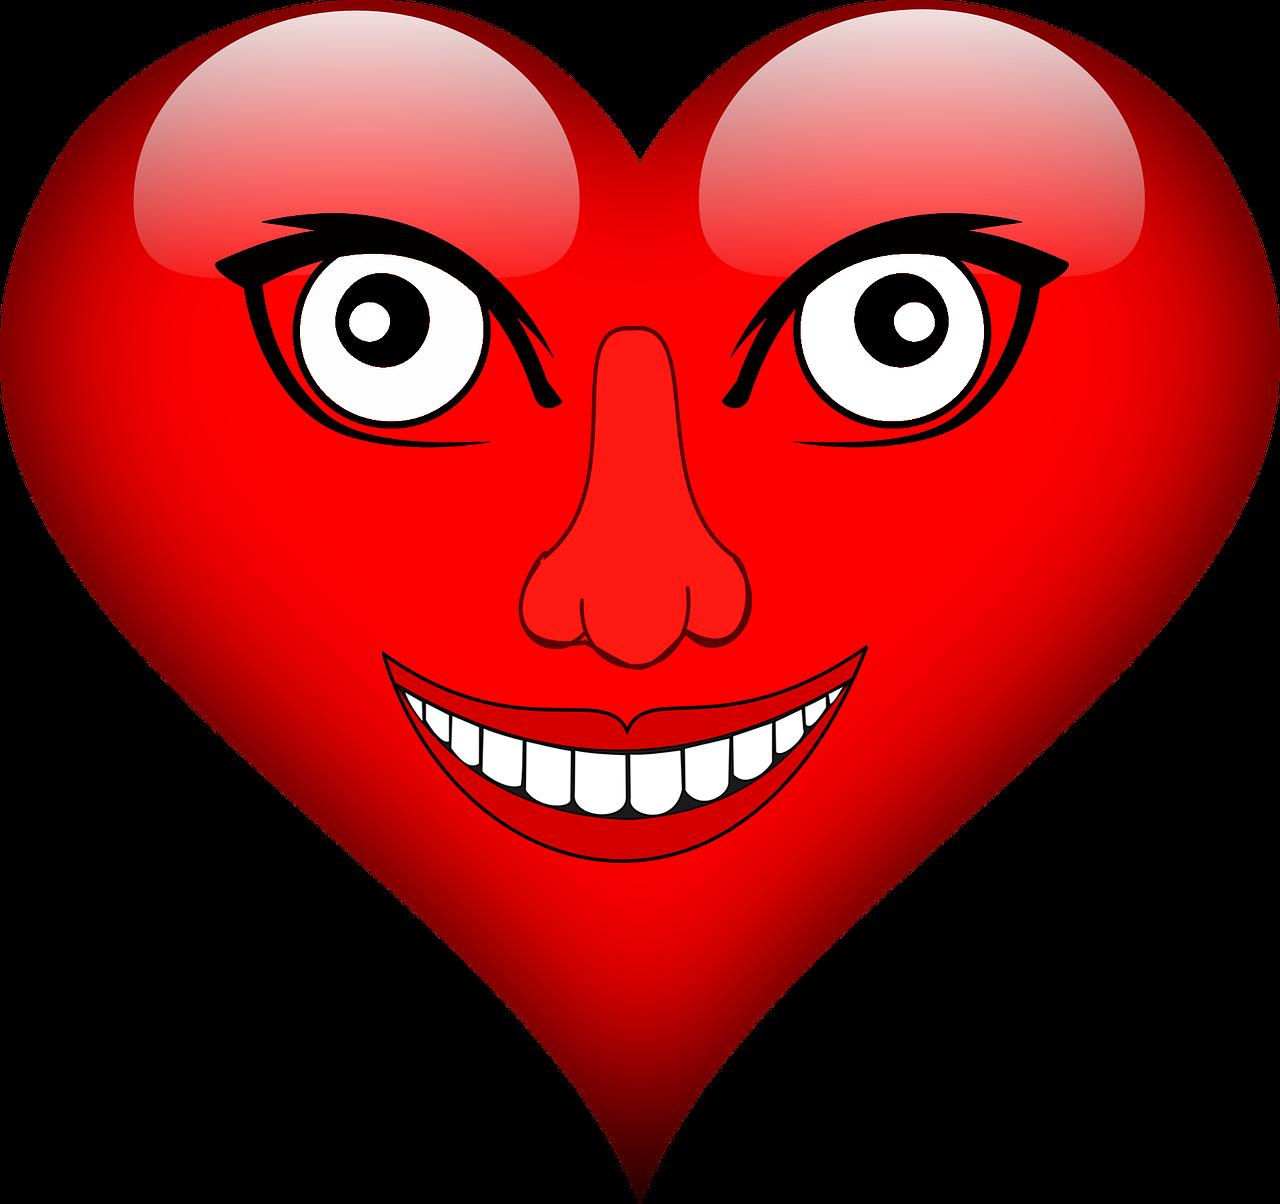 Прикольные картинки сердечек, открытка